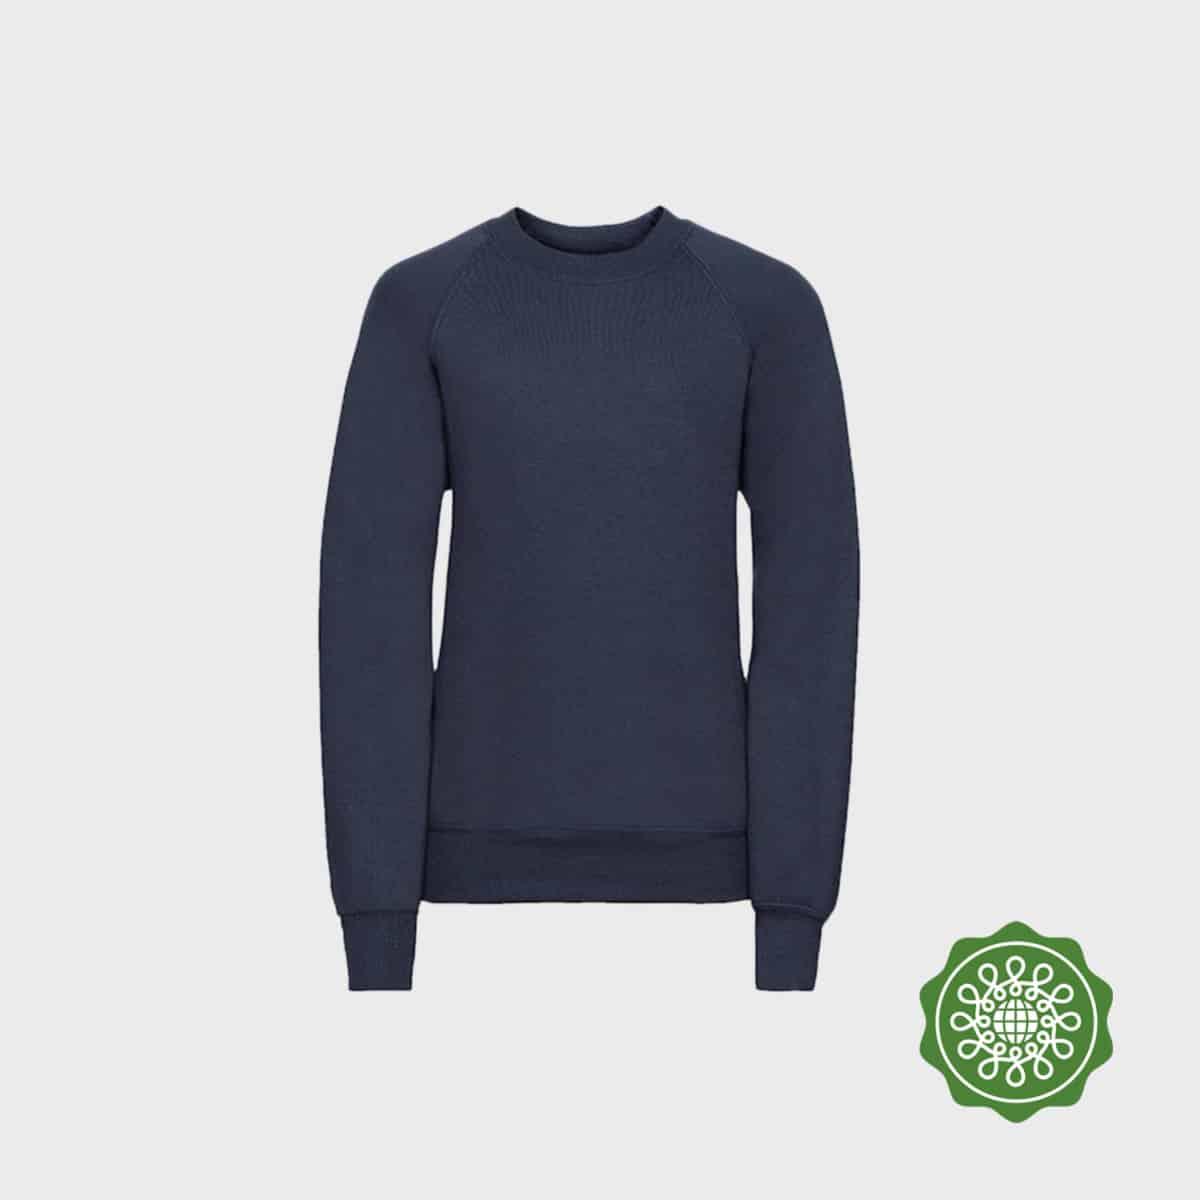 Sweatshirt-Öko-Tex-besticken-lassen